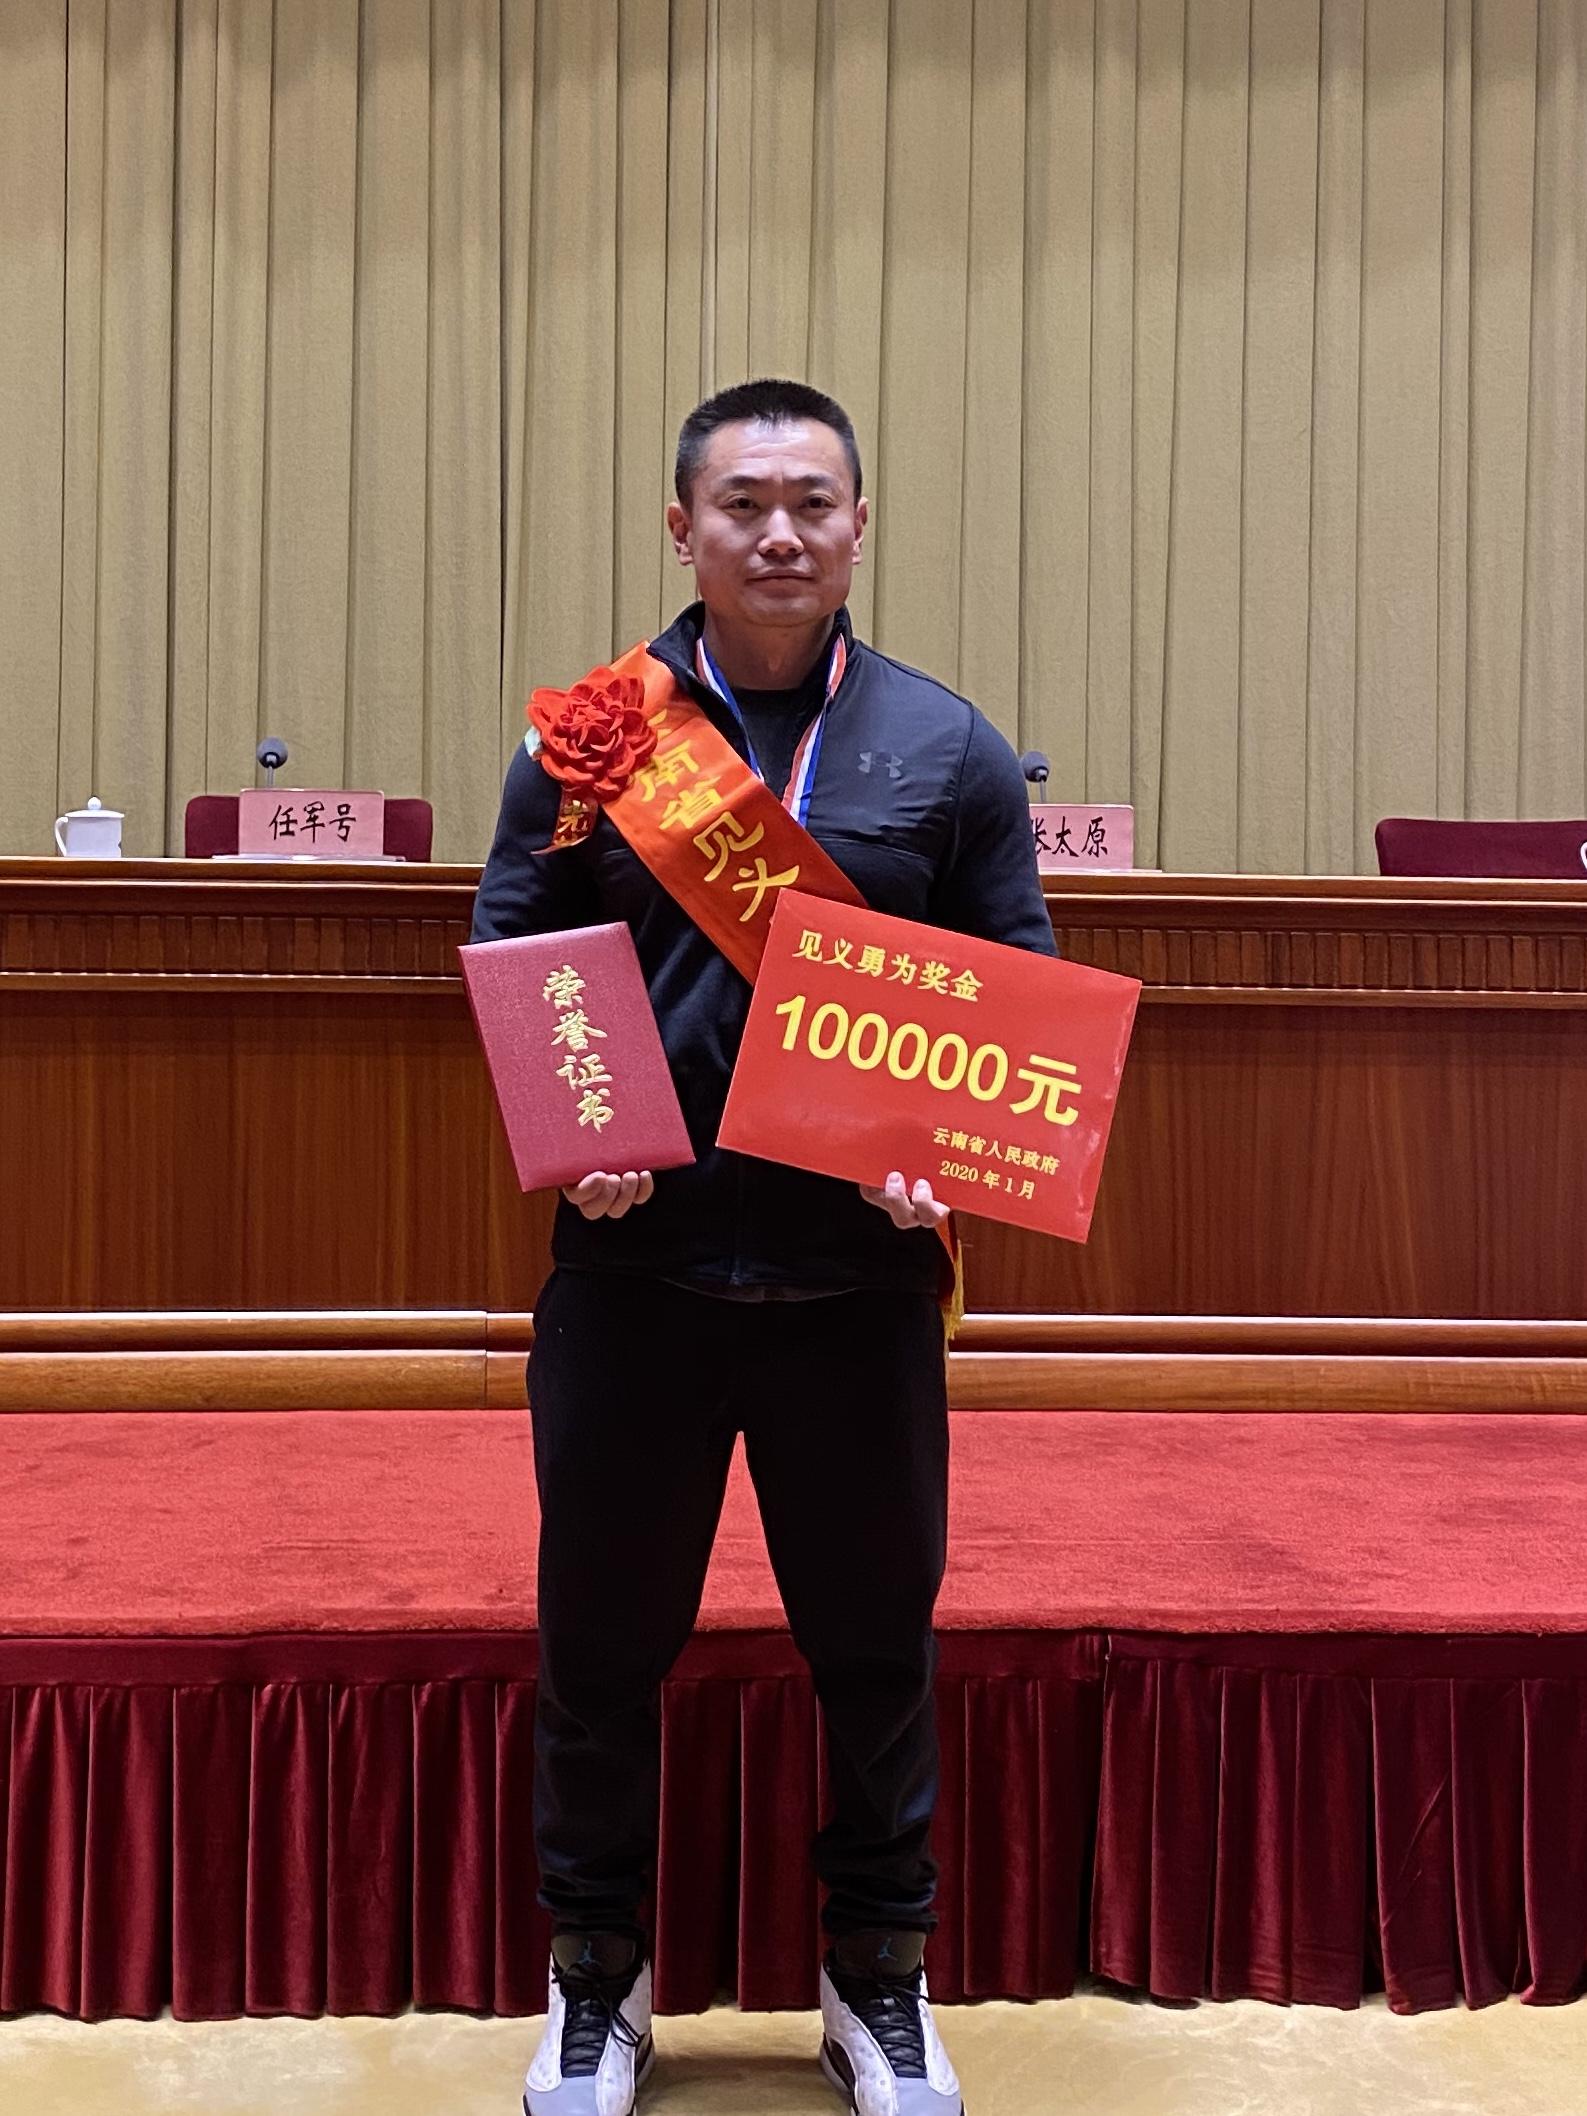 中国光大银行昆明分行员工获评2019年度云南省见义勇为先进个人及昆明市见义勇为先进个人称号